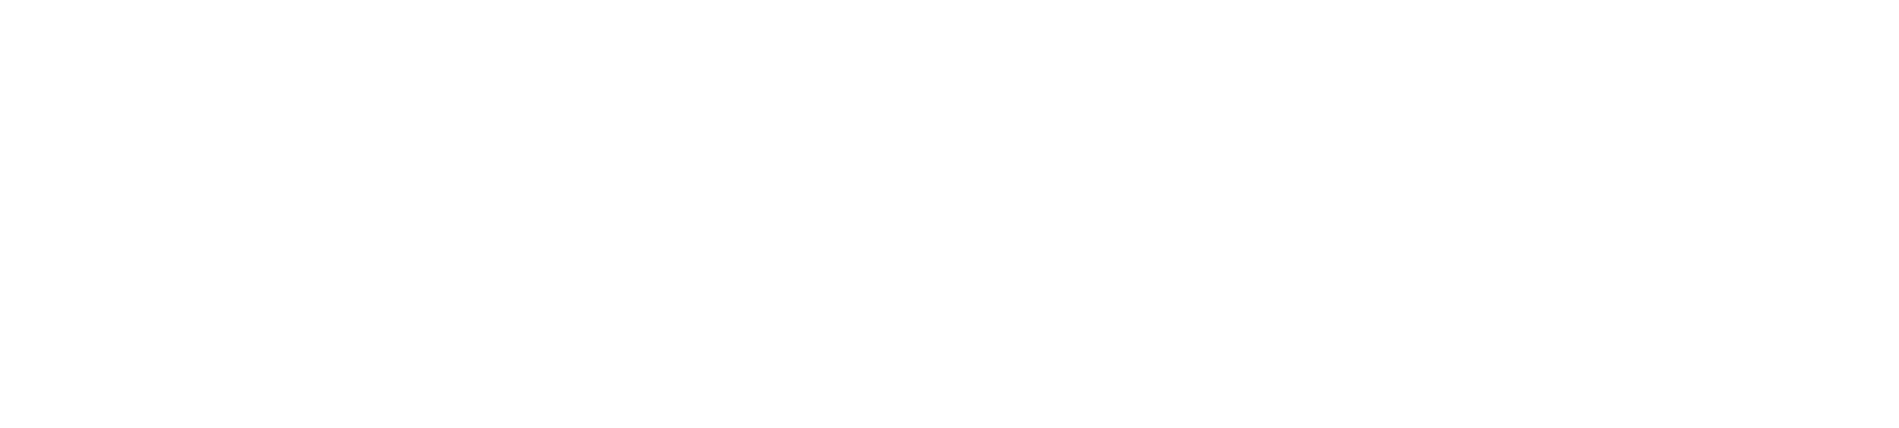 diewebwerker.de